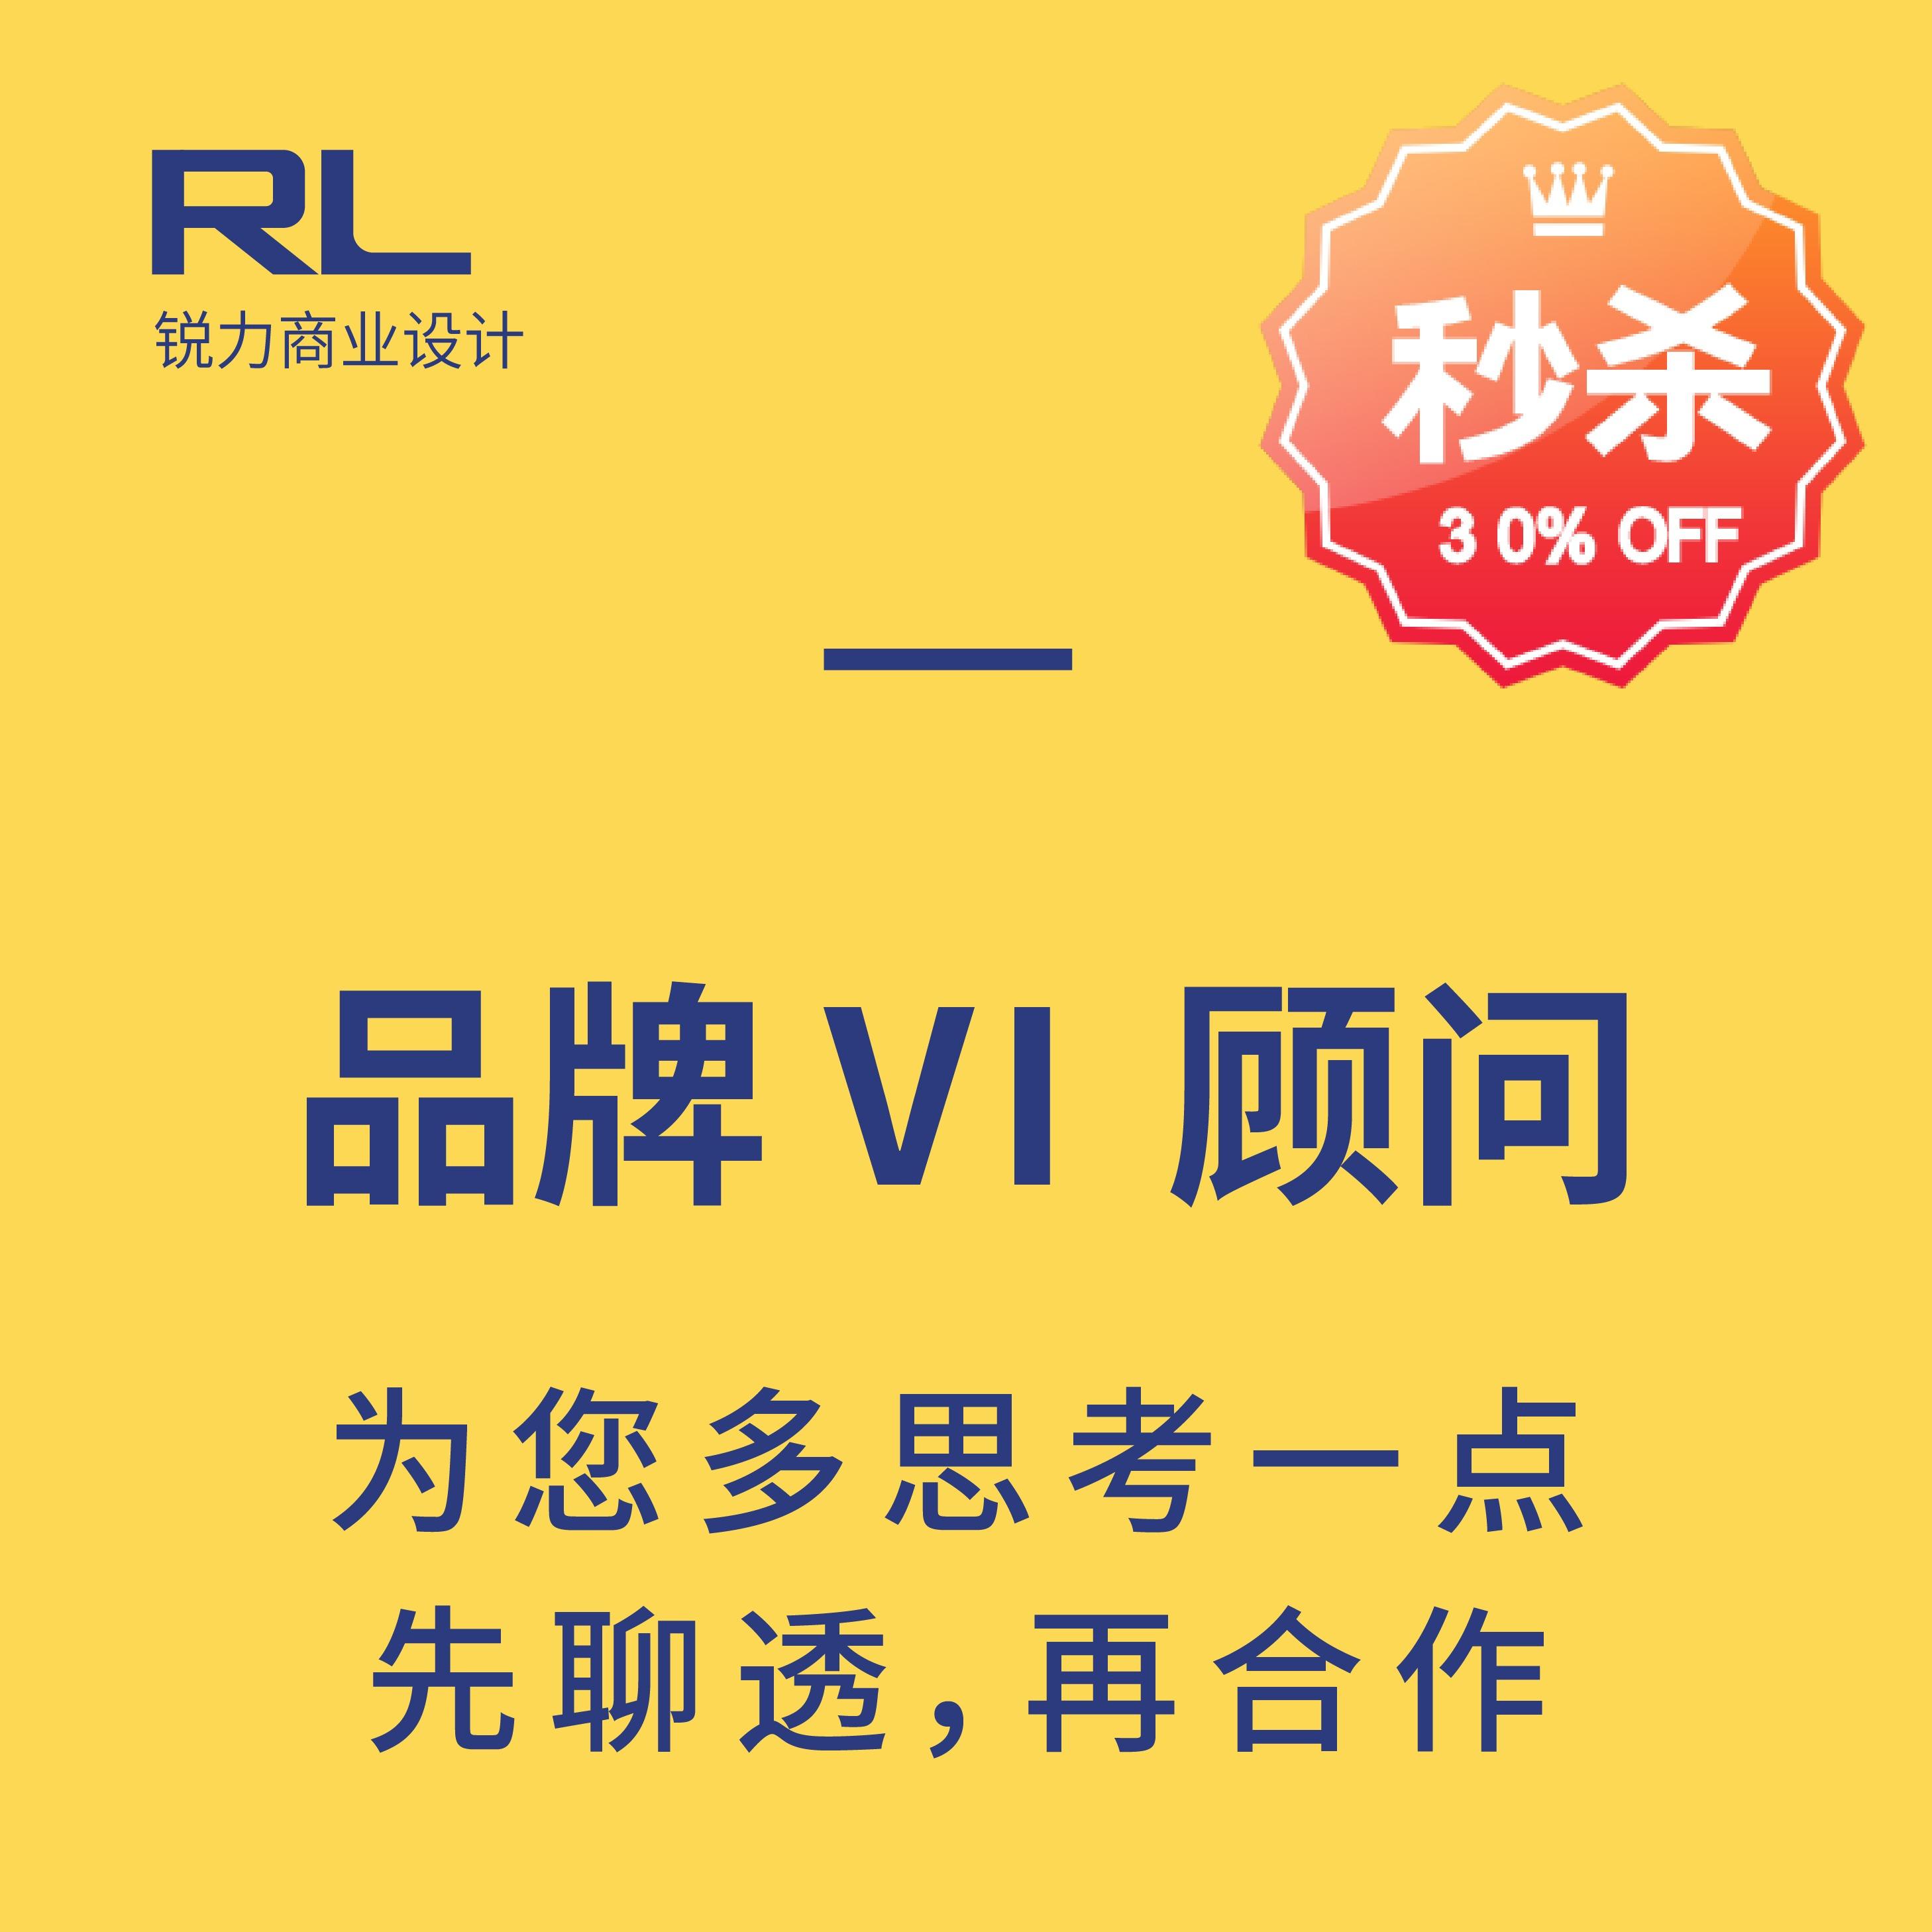 【品牌VI顾问】品牌视觉设计学校教育VIS商标志LOGO餐饮